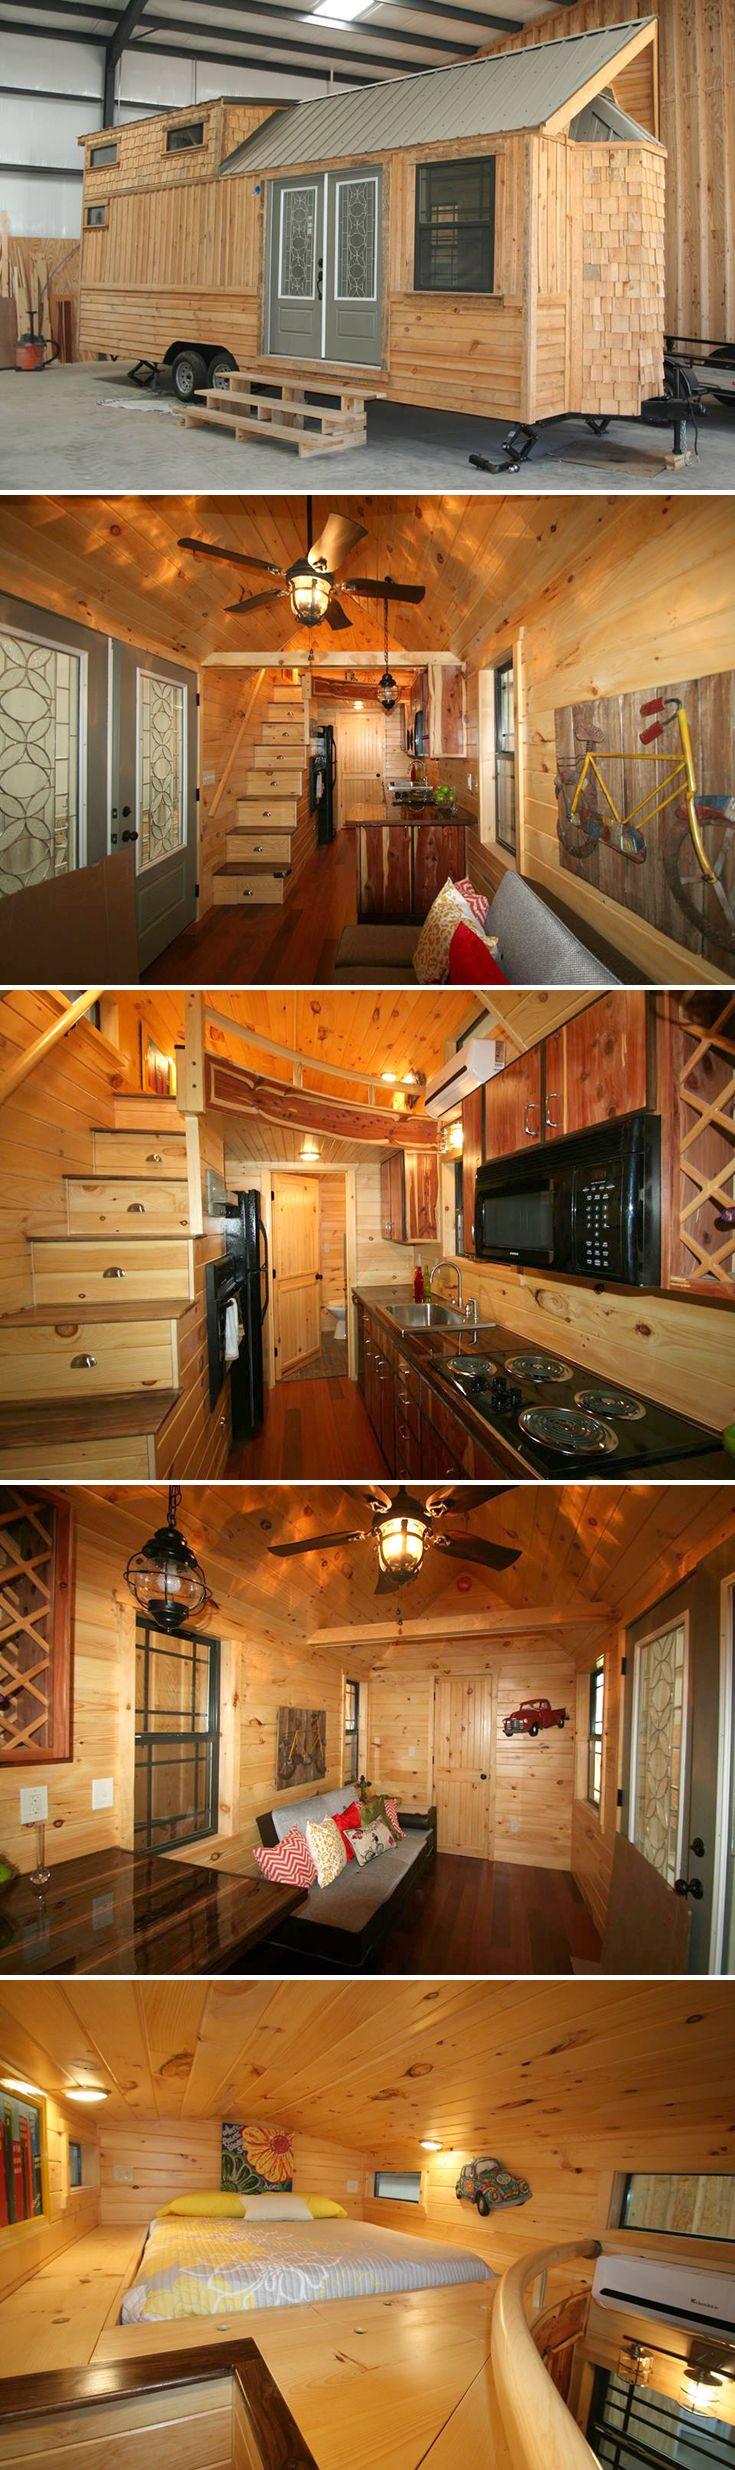 Tiny House by Southeastern Tiny Homes Tiny house cabin